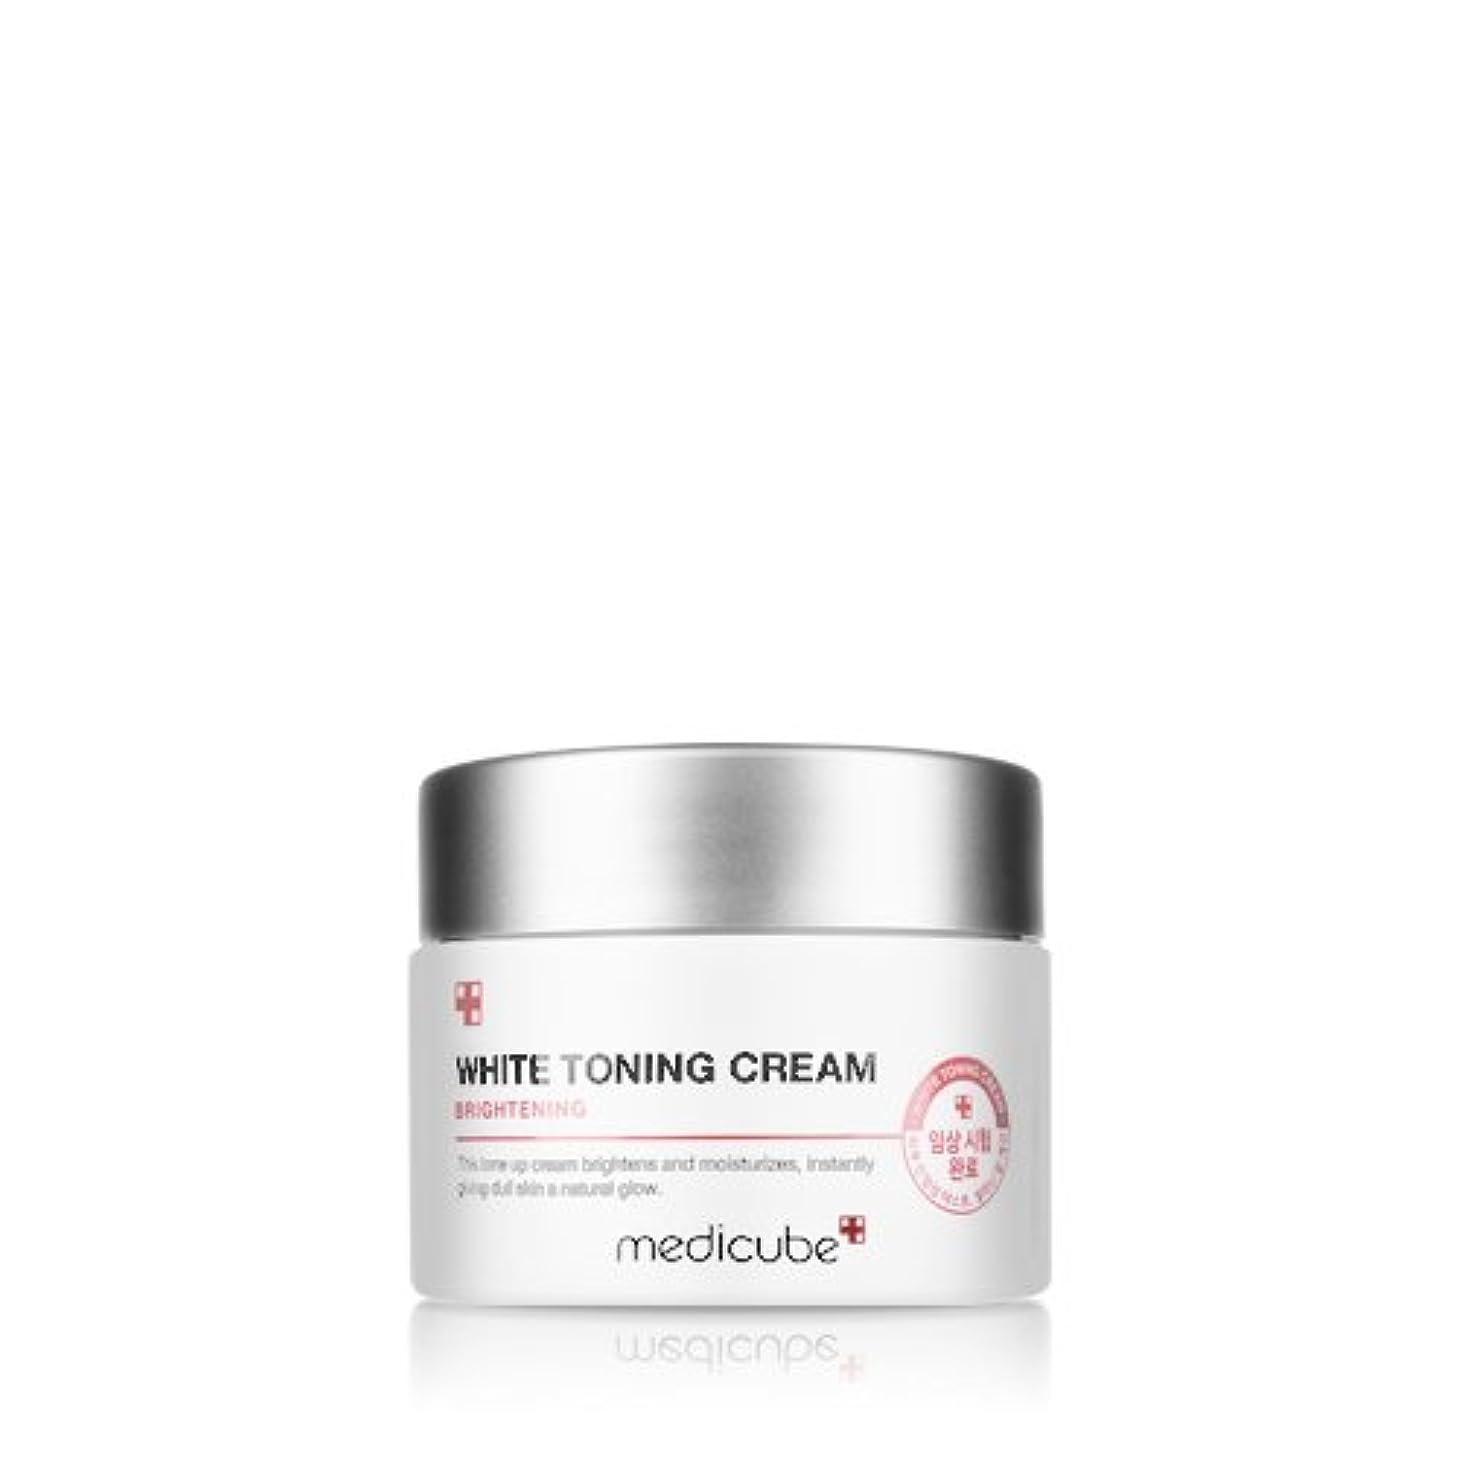 実質的にサロンレポートを書く[Medicube] WHITE TONING CREAM / メディキューブ ホワイトトーニングクリーム / 正品?海外直送商品